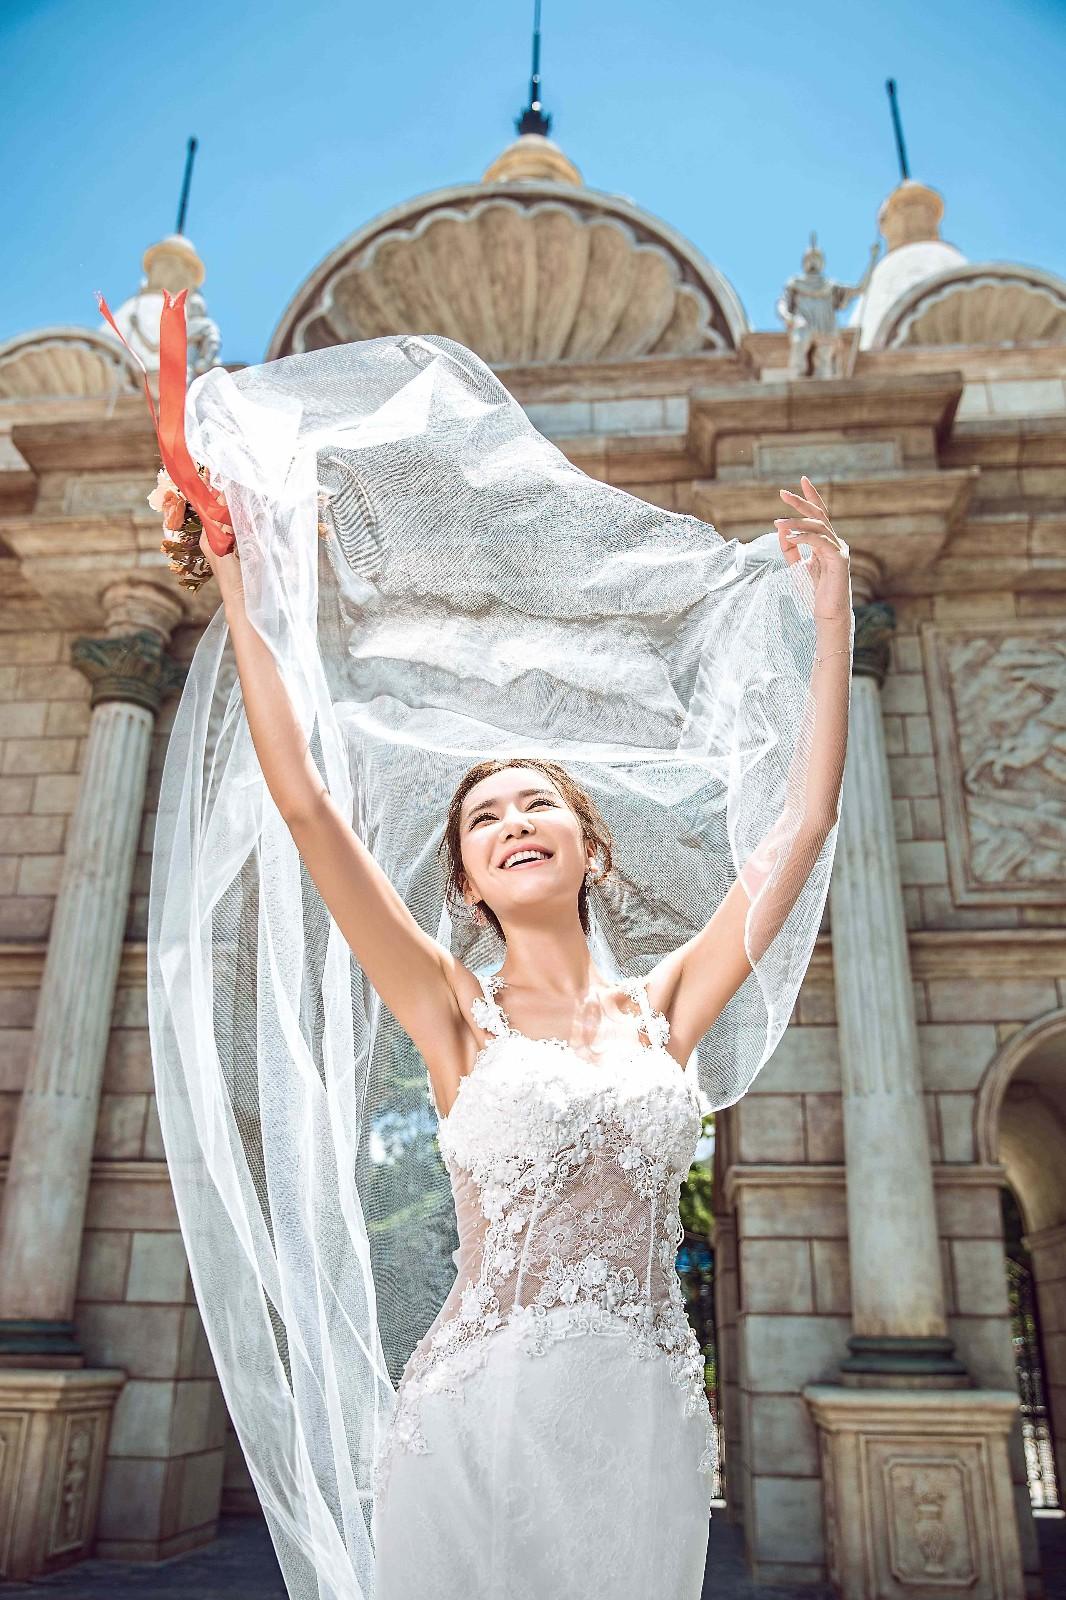 结婚嫁妆有哪些,虽然不贵重却寓意重大